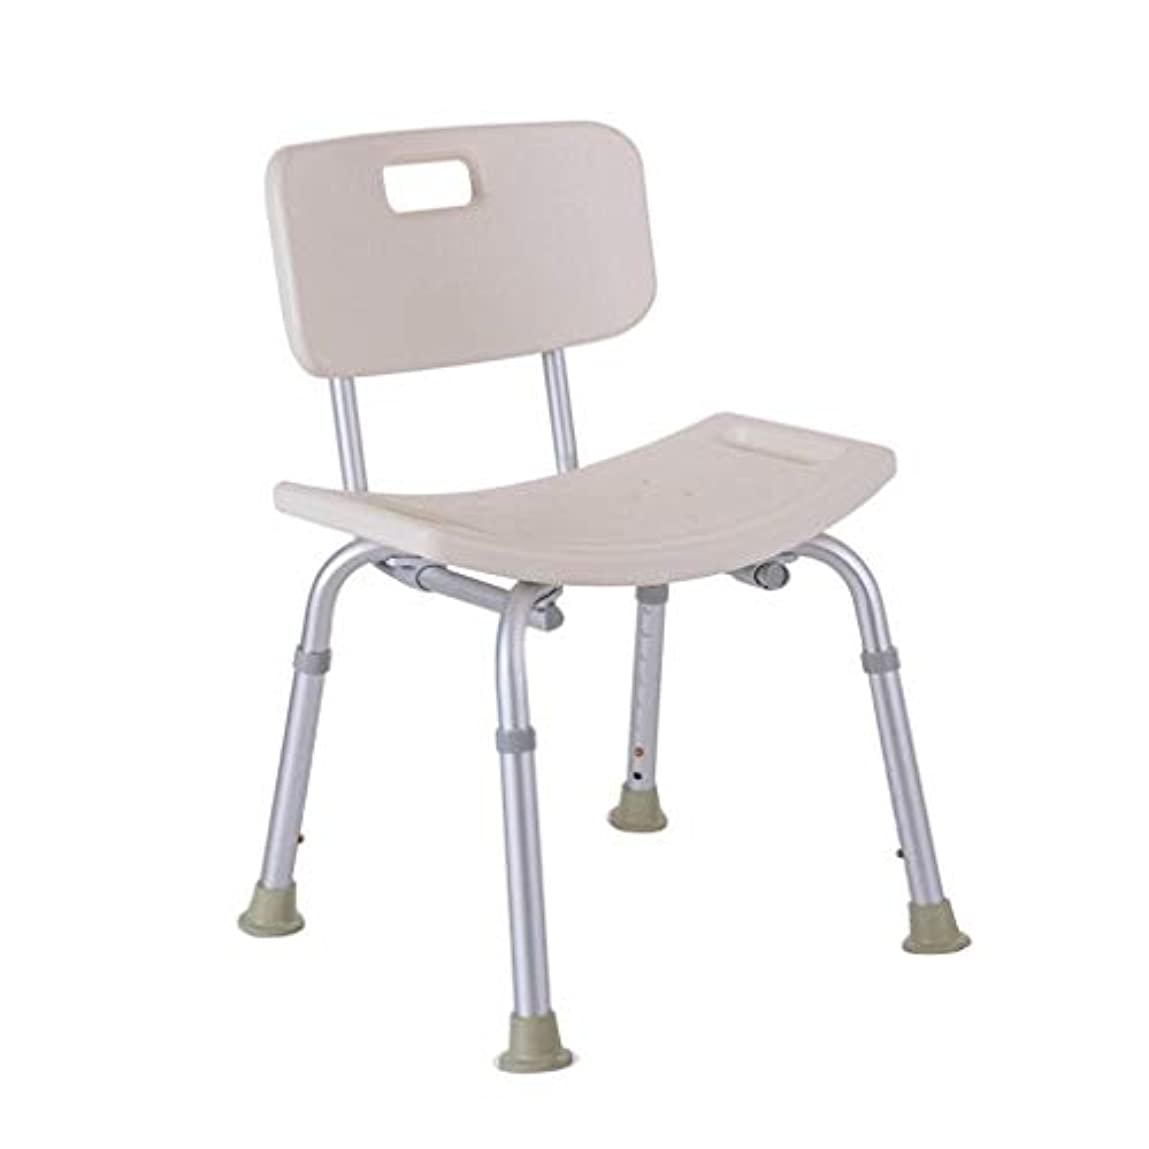 沈黙美人ウォーターフロントお風呂の椅子、背もたれ付き調節可能な高さ